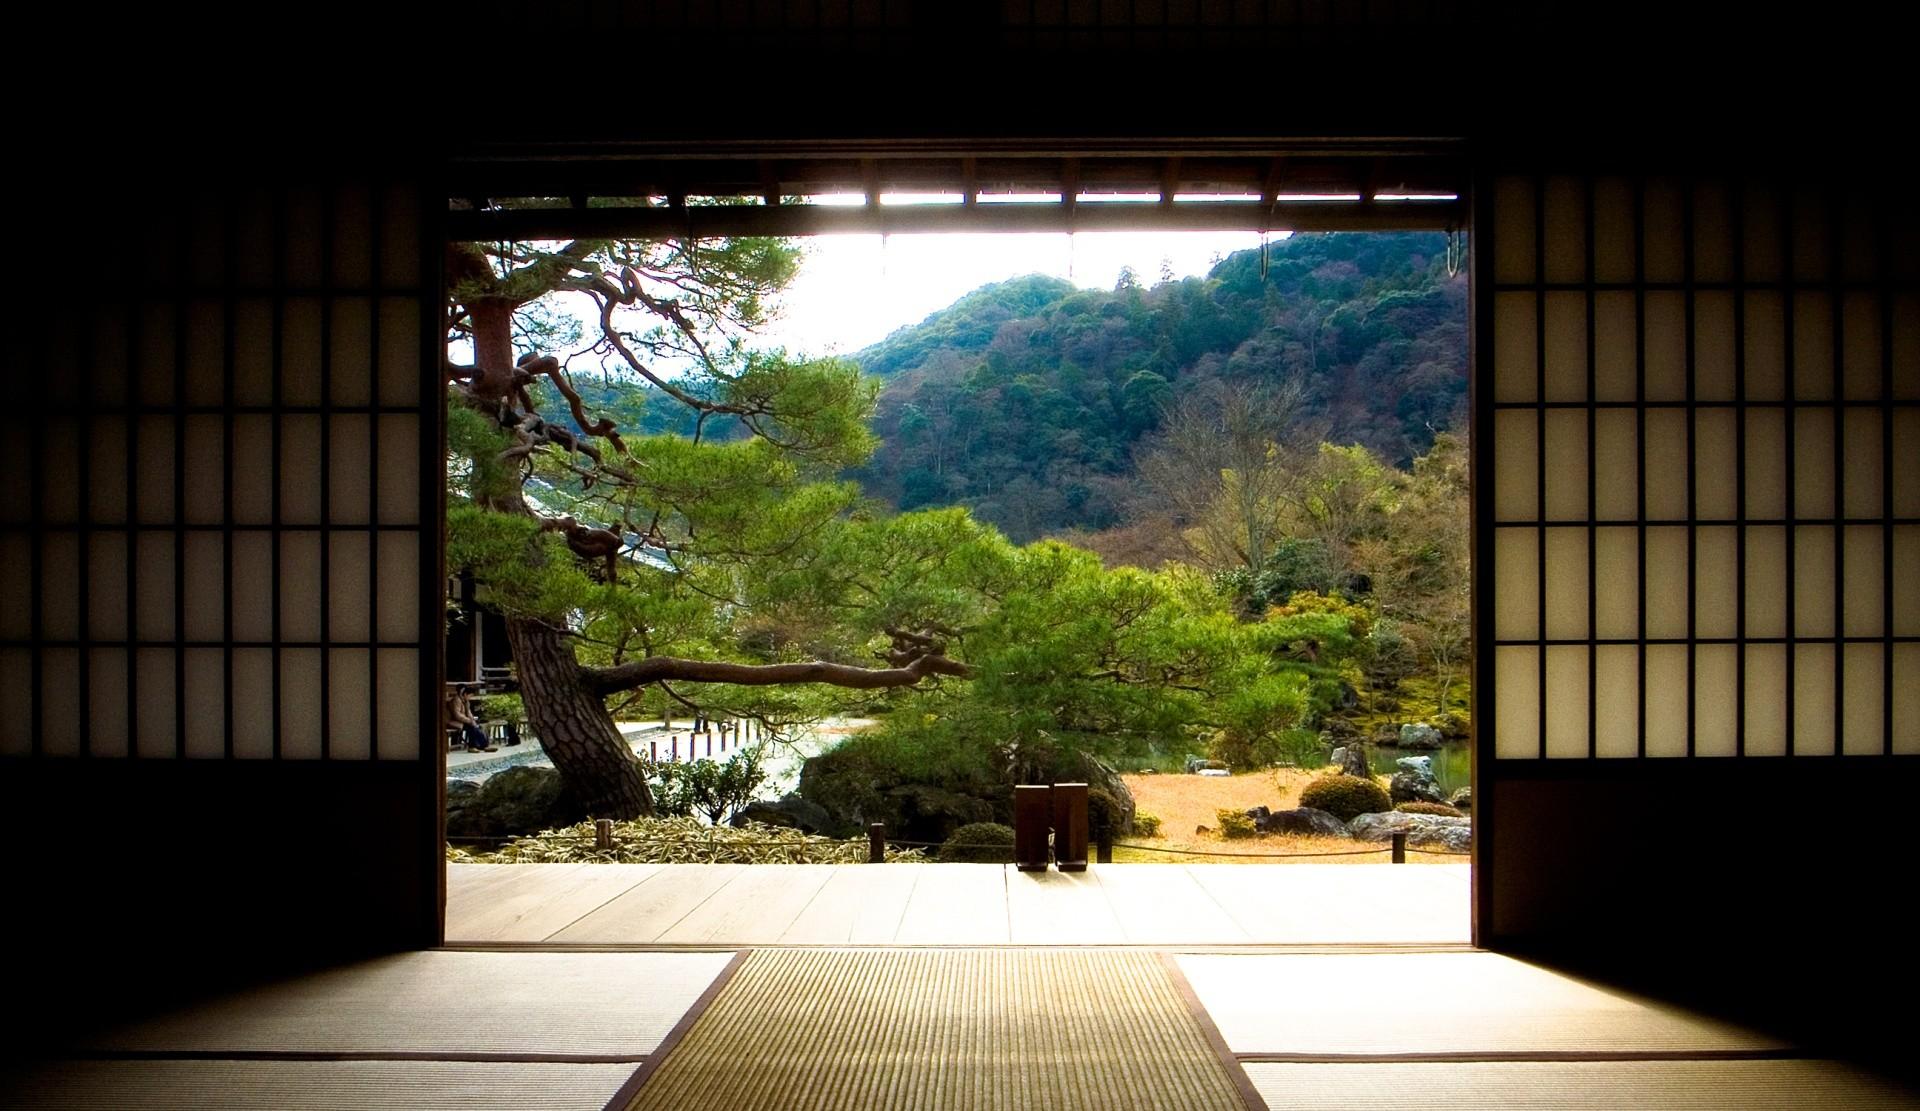 Zen Desktop Wallpaper 77 Images